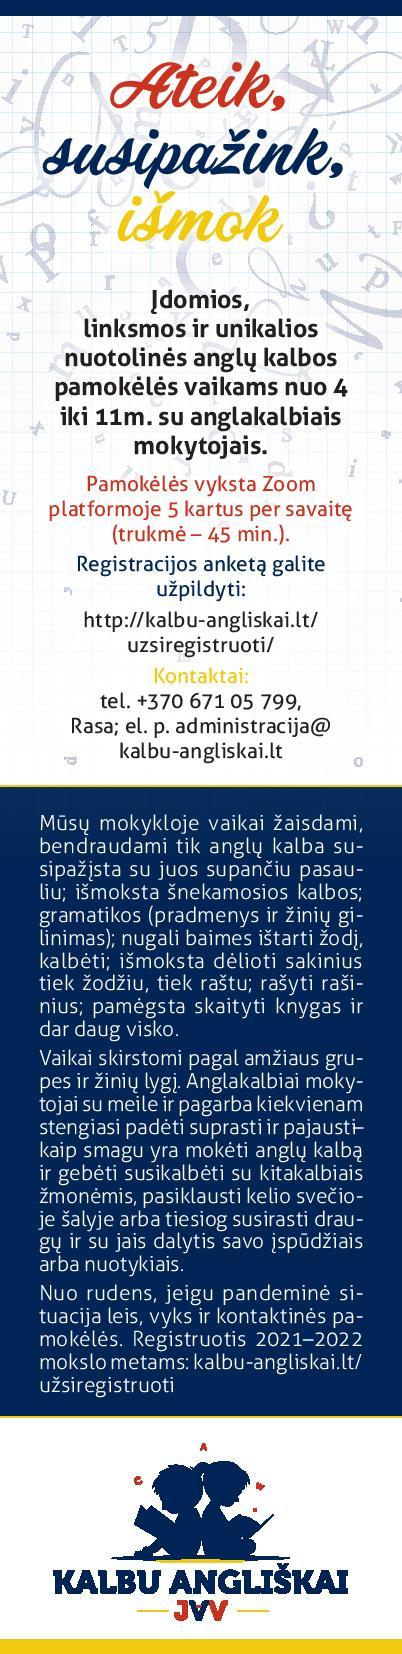 Jungtines vaikystes valstijos_mamai ir vaikui 2021 nr3 - derinimui-page-001